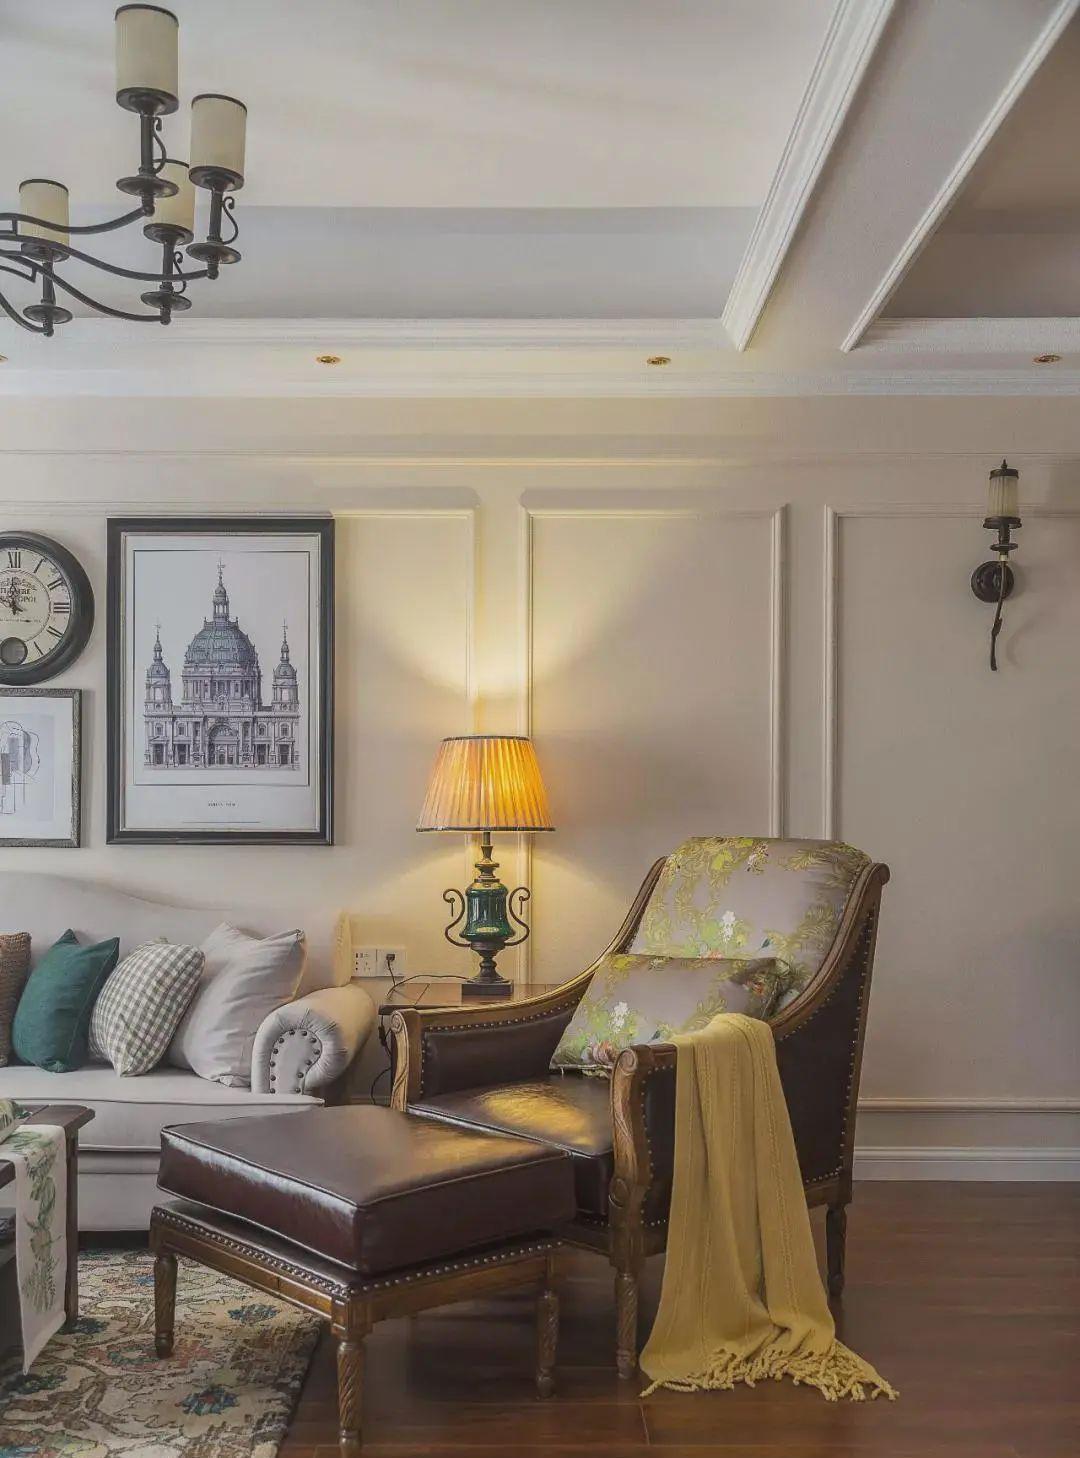 98㎡优雅美式三居室,一楼带超大私人花园,入住堪比小别墅